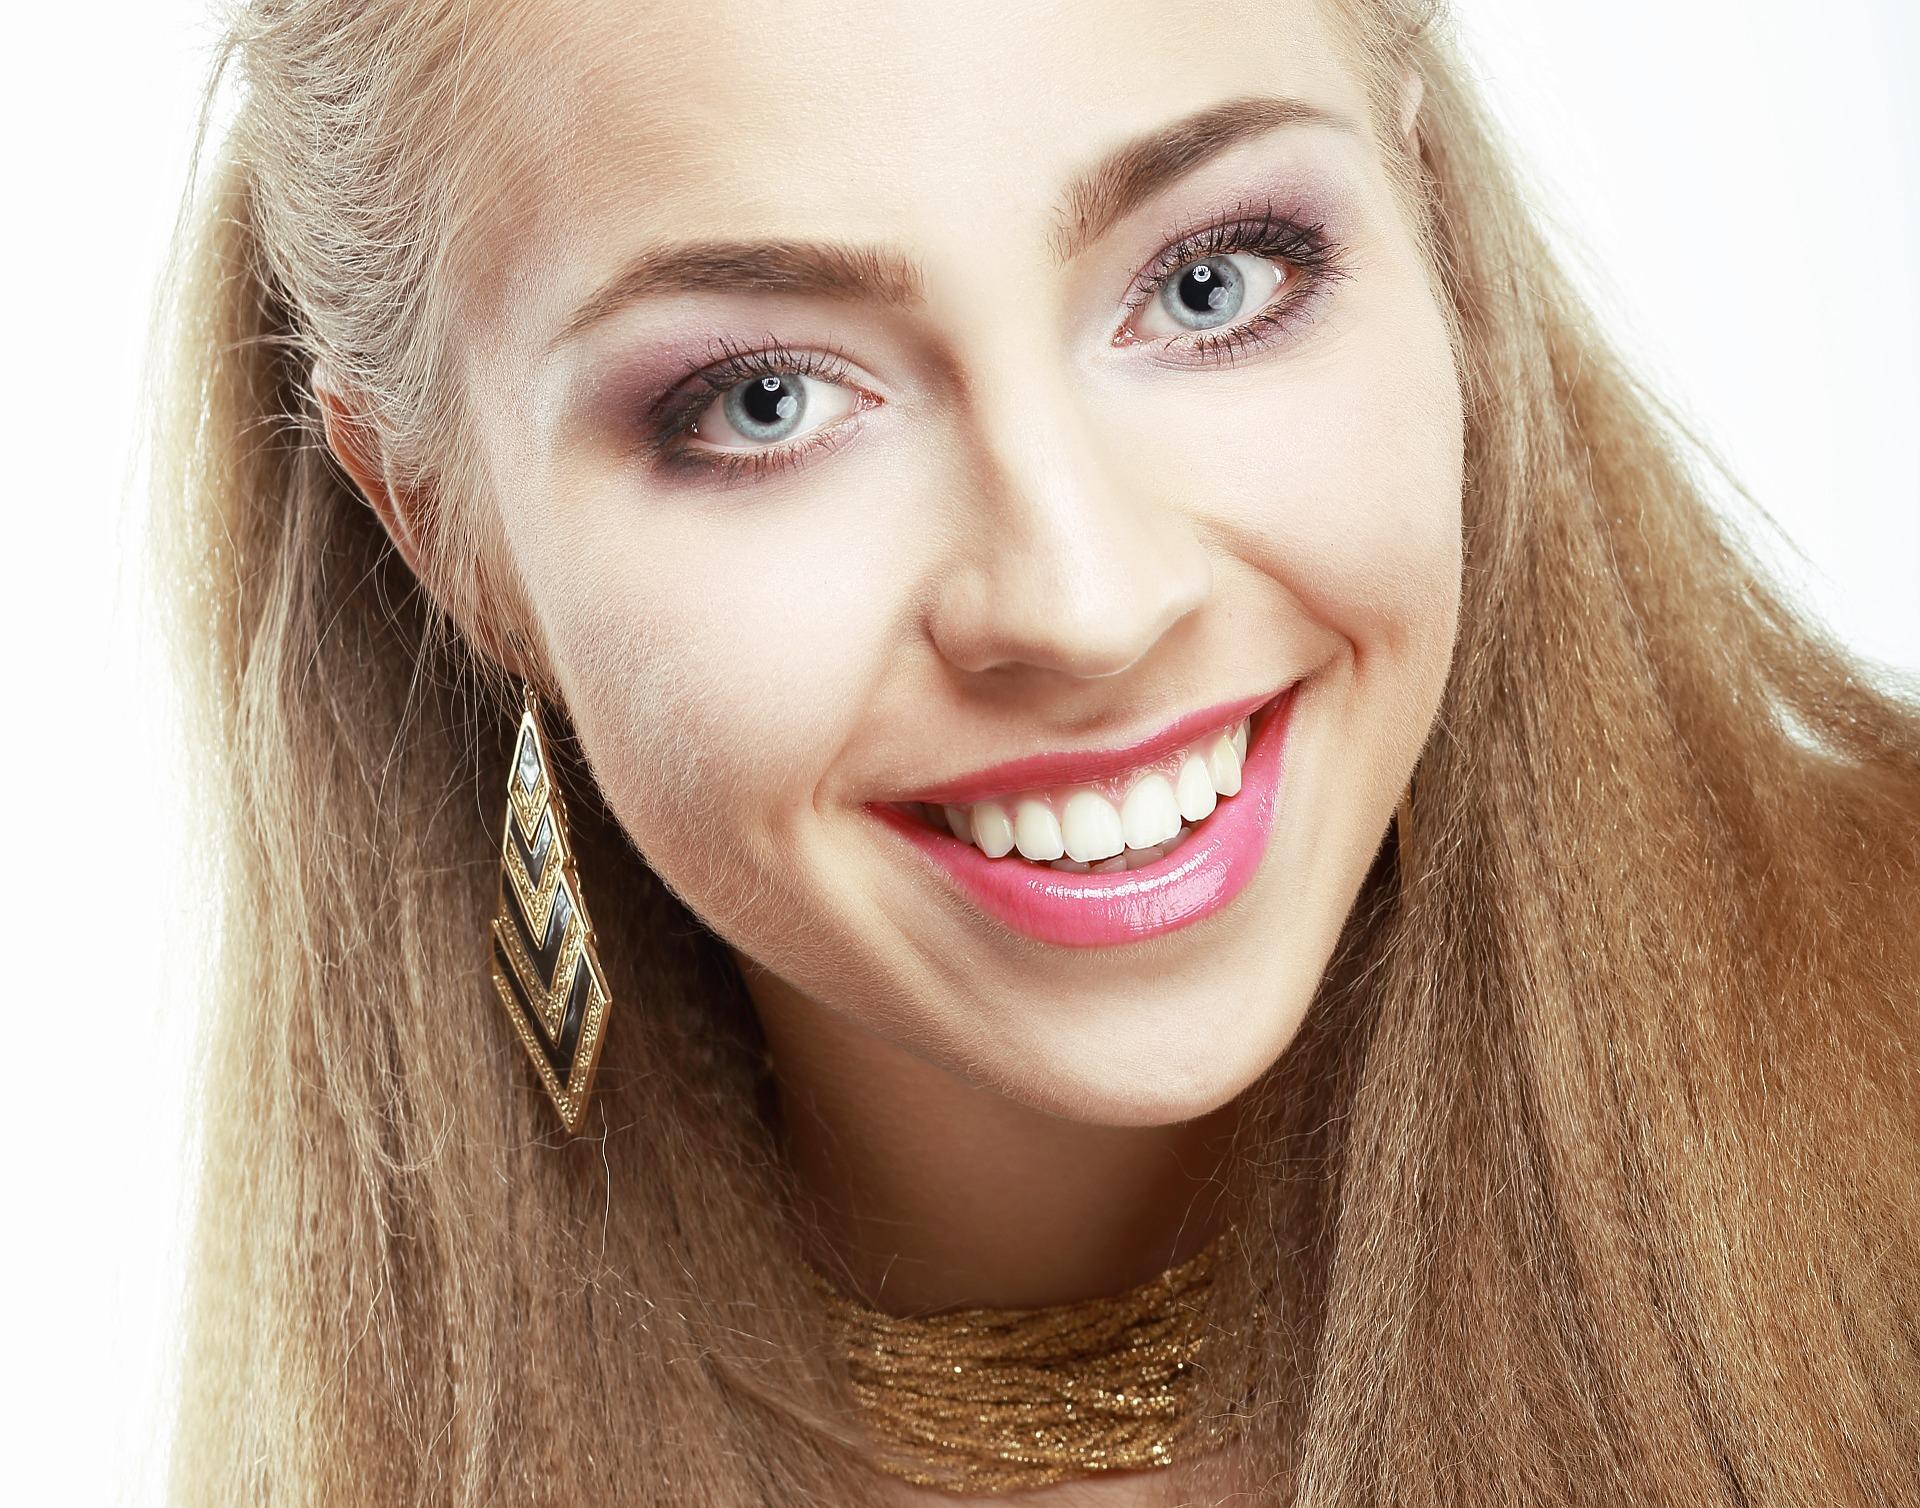 jak dbać o zęby - sposoby na białe zęby